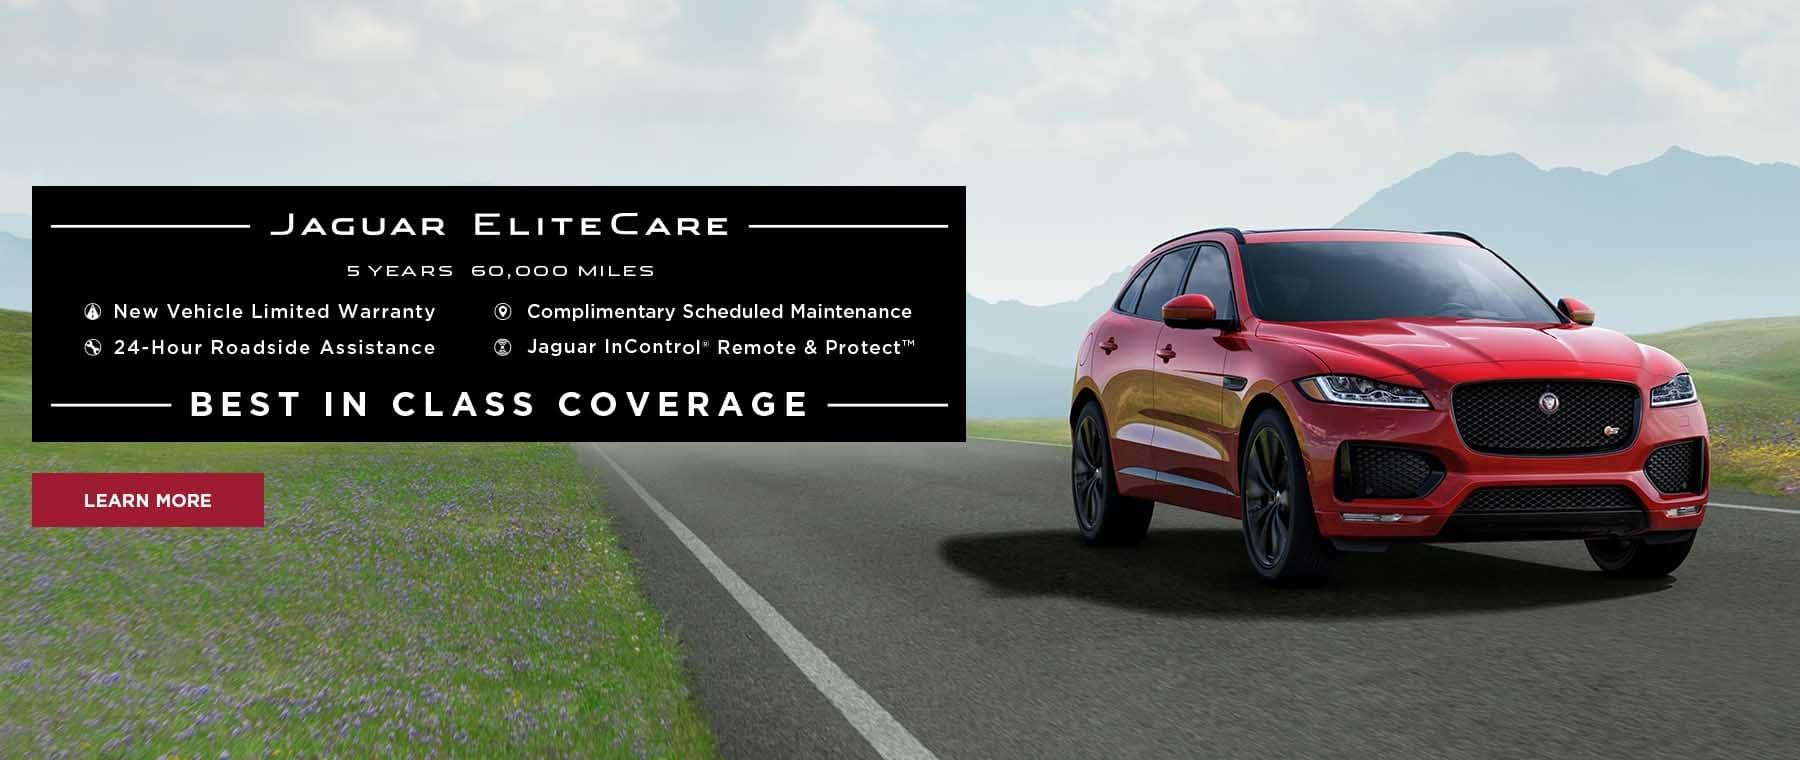 Jaguar Elite Care